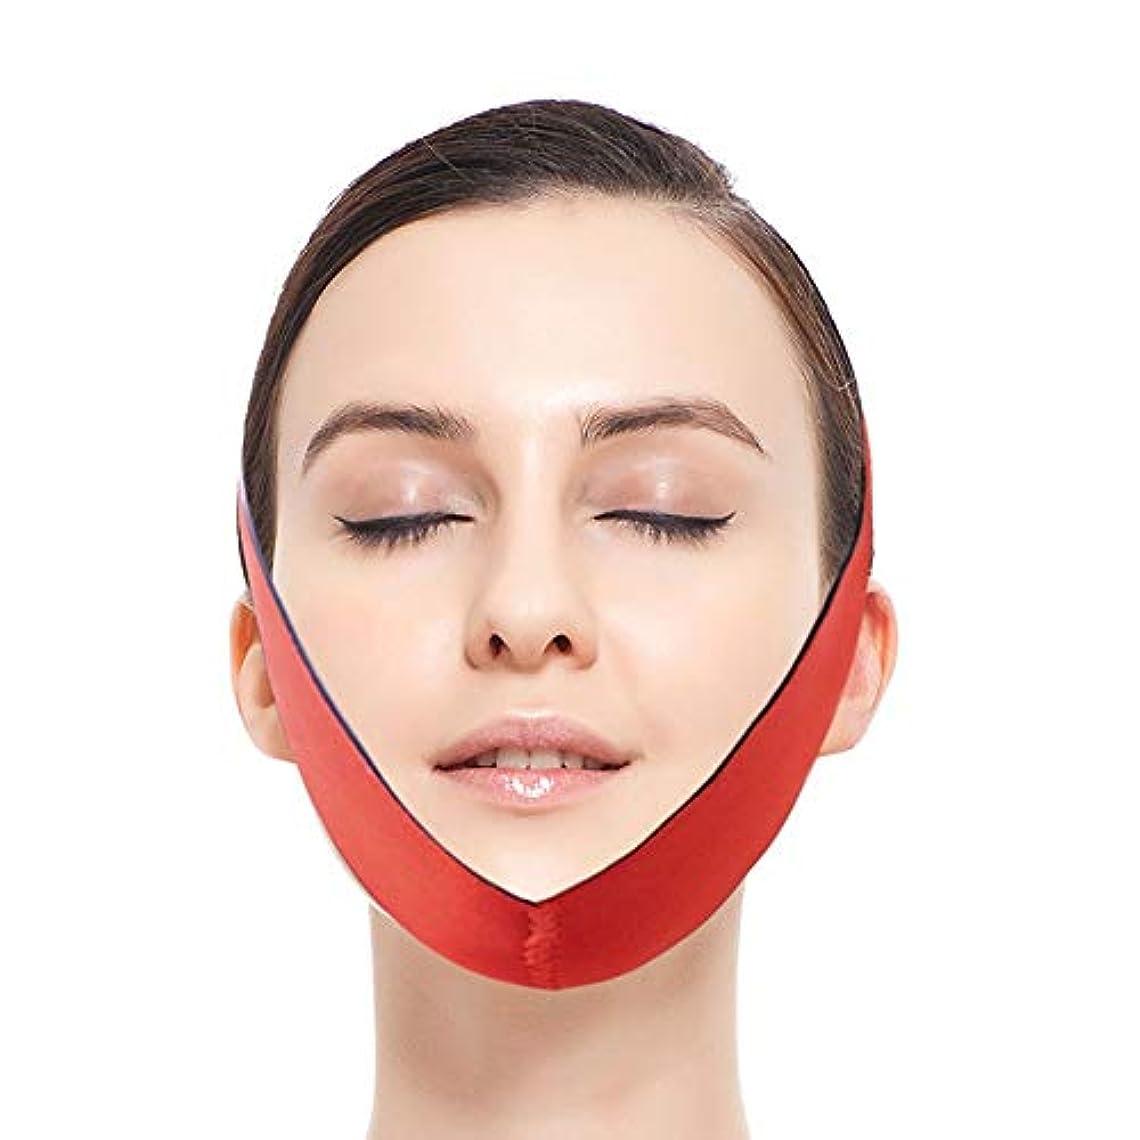 人事過言不名誉Jia Jia- フェイスリフティングアーティファクトVフェイス包帯マスクダブルあご引き締め顔薄い咬傷筋肉下顎矯正顔 顔面包帯